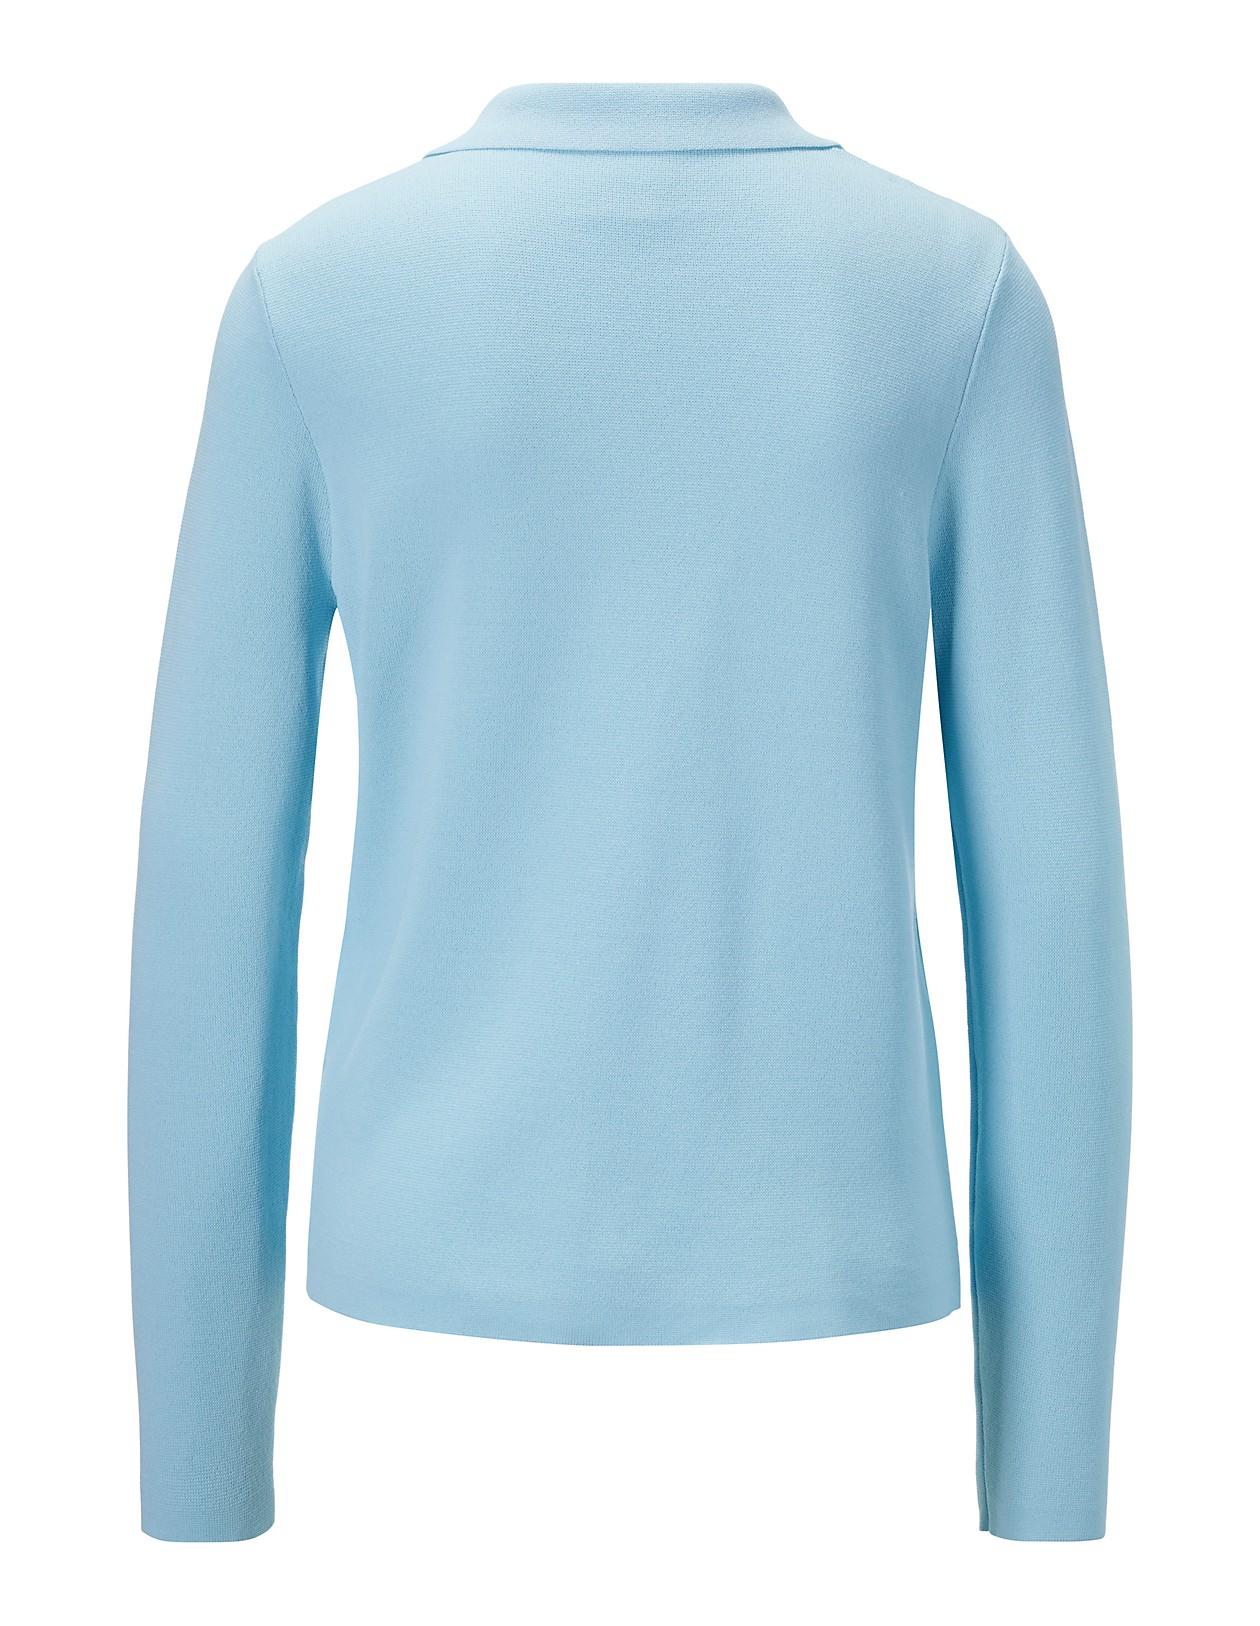 damen pullover blau mit augesetzten taschen